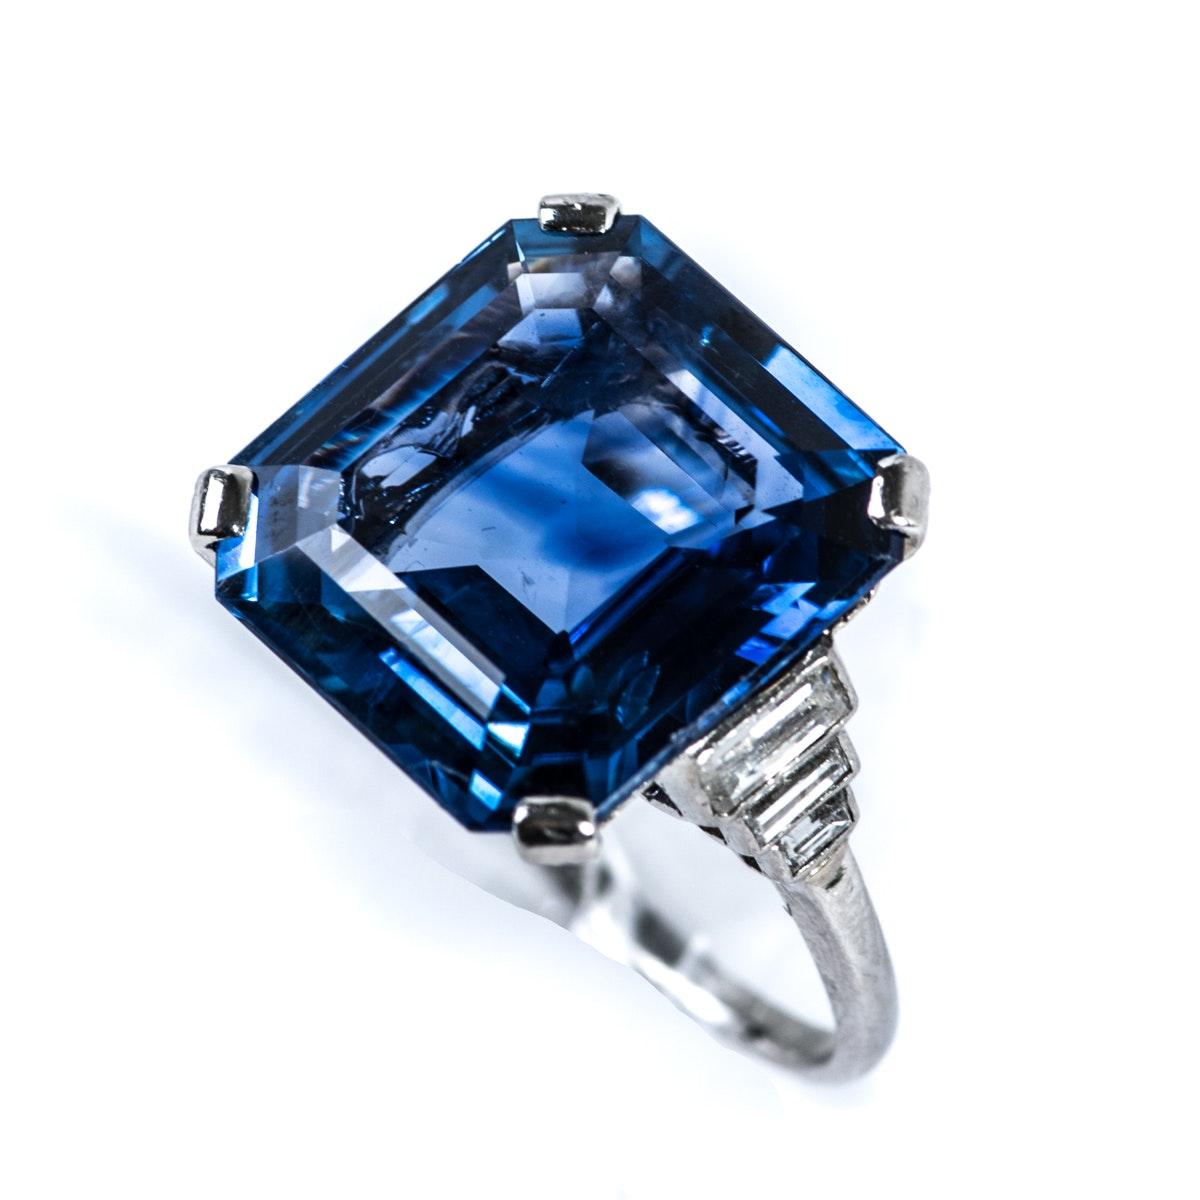 Fine Jewelry, Fashion, Décor & More